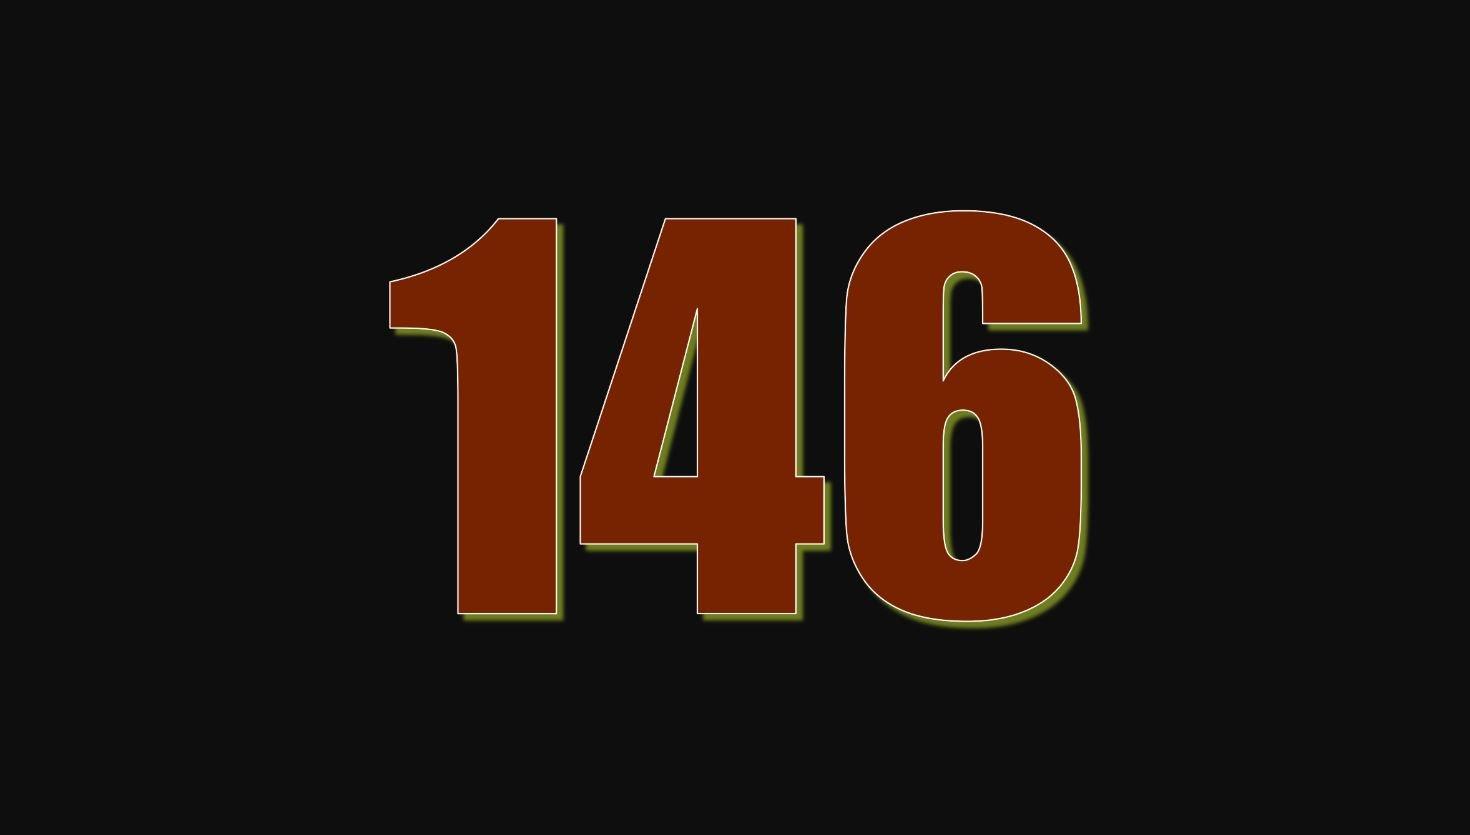 Significado del número 146